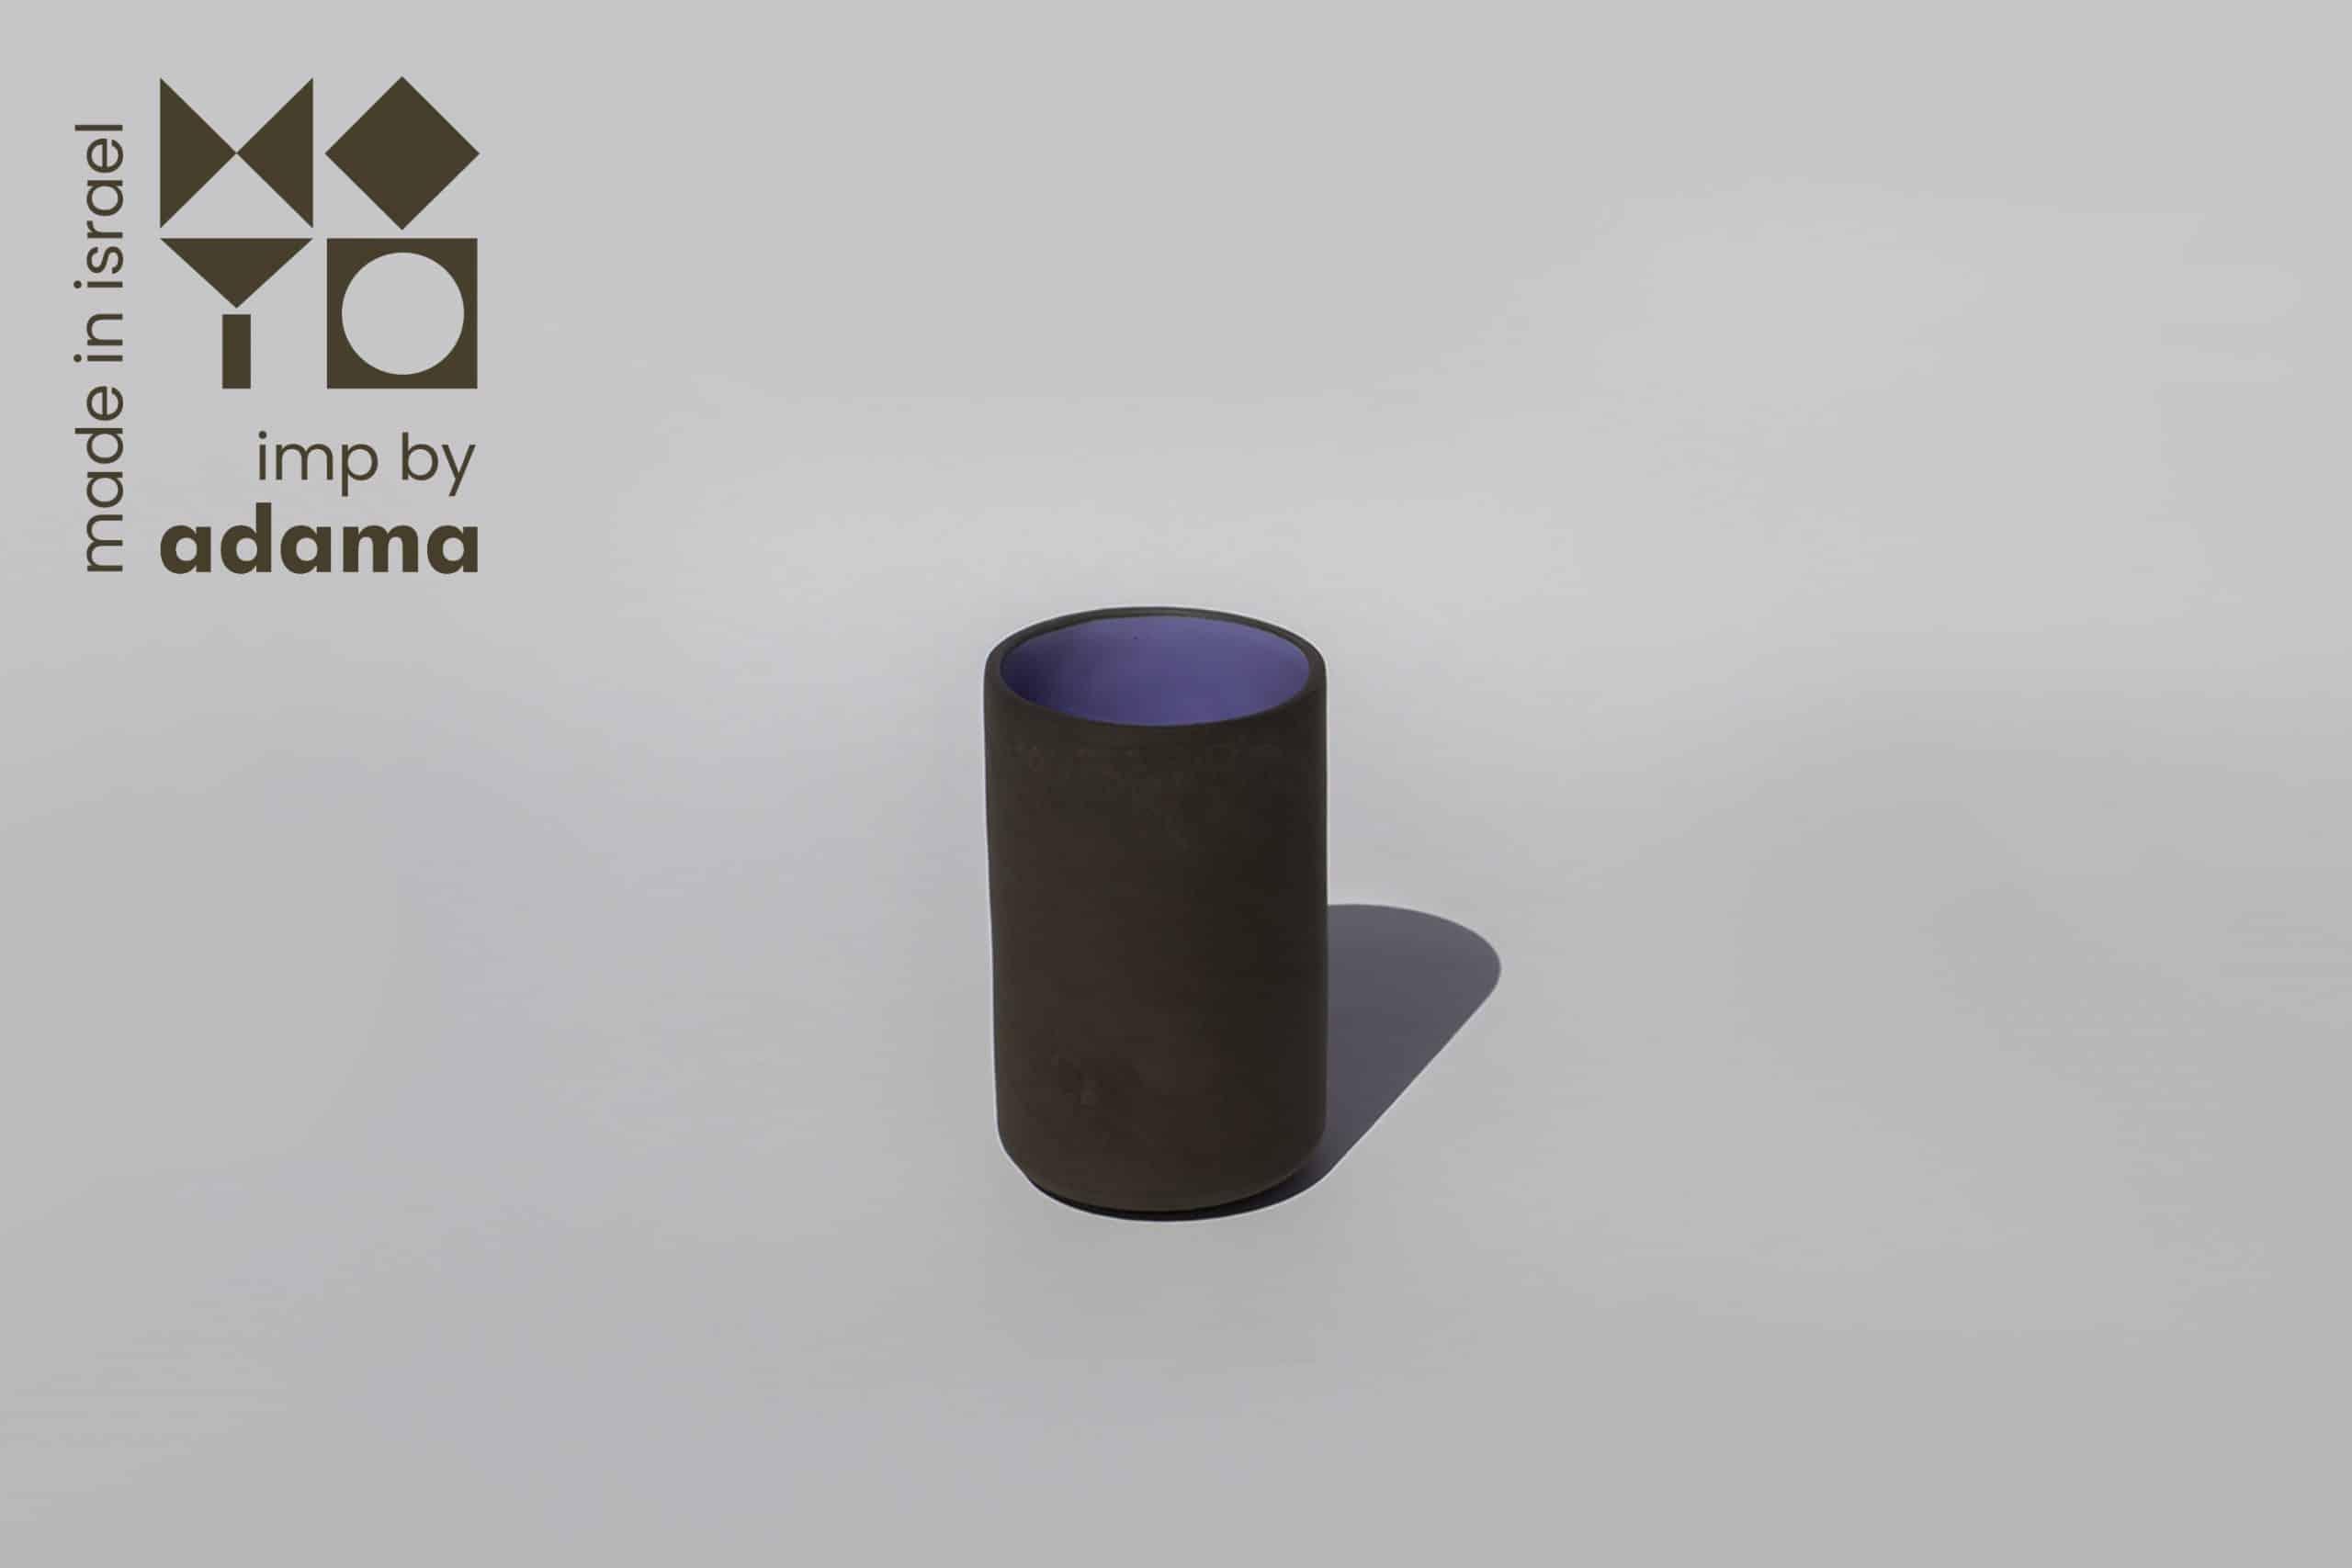 כוס בצורת גליל